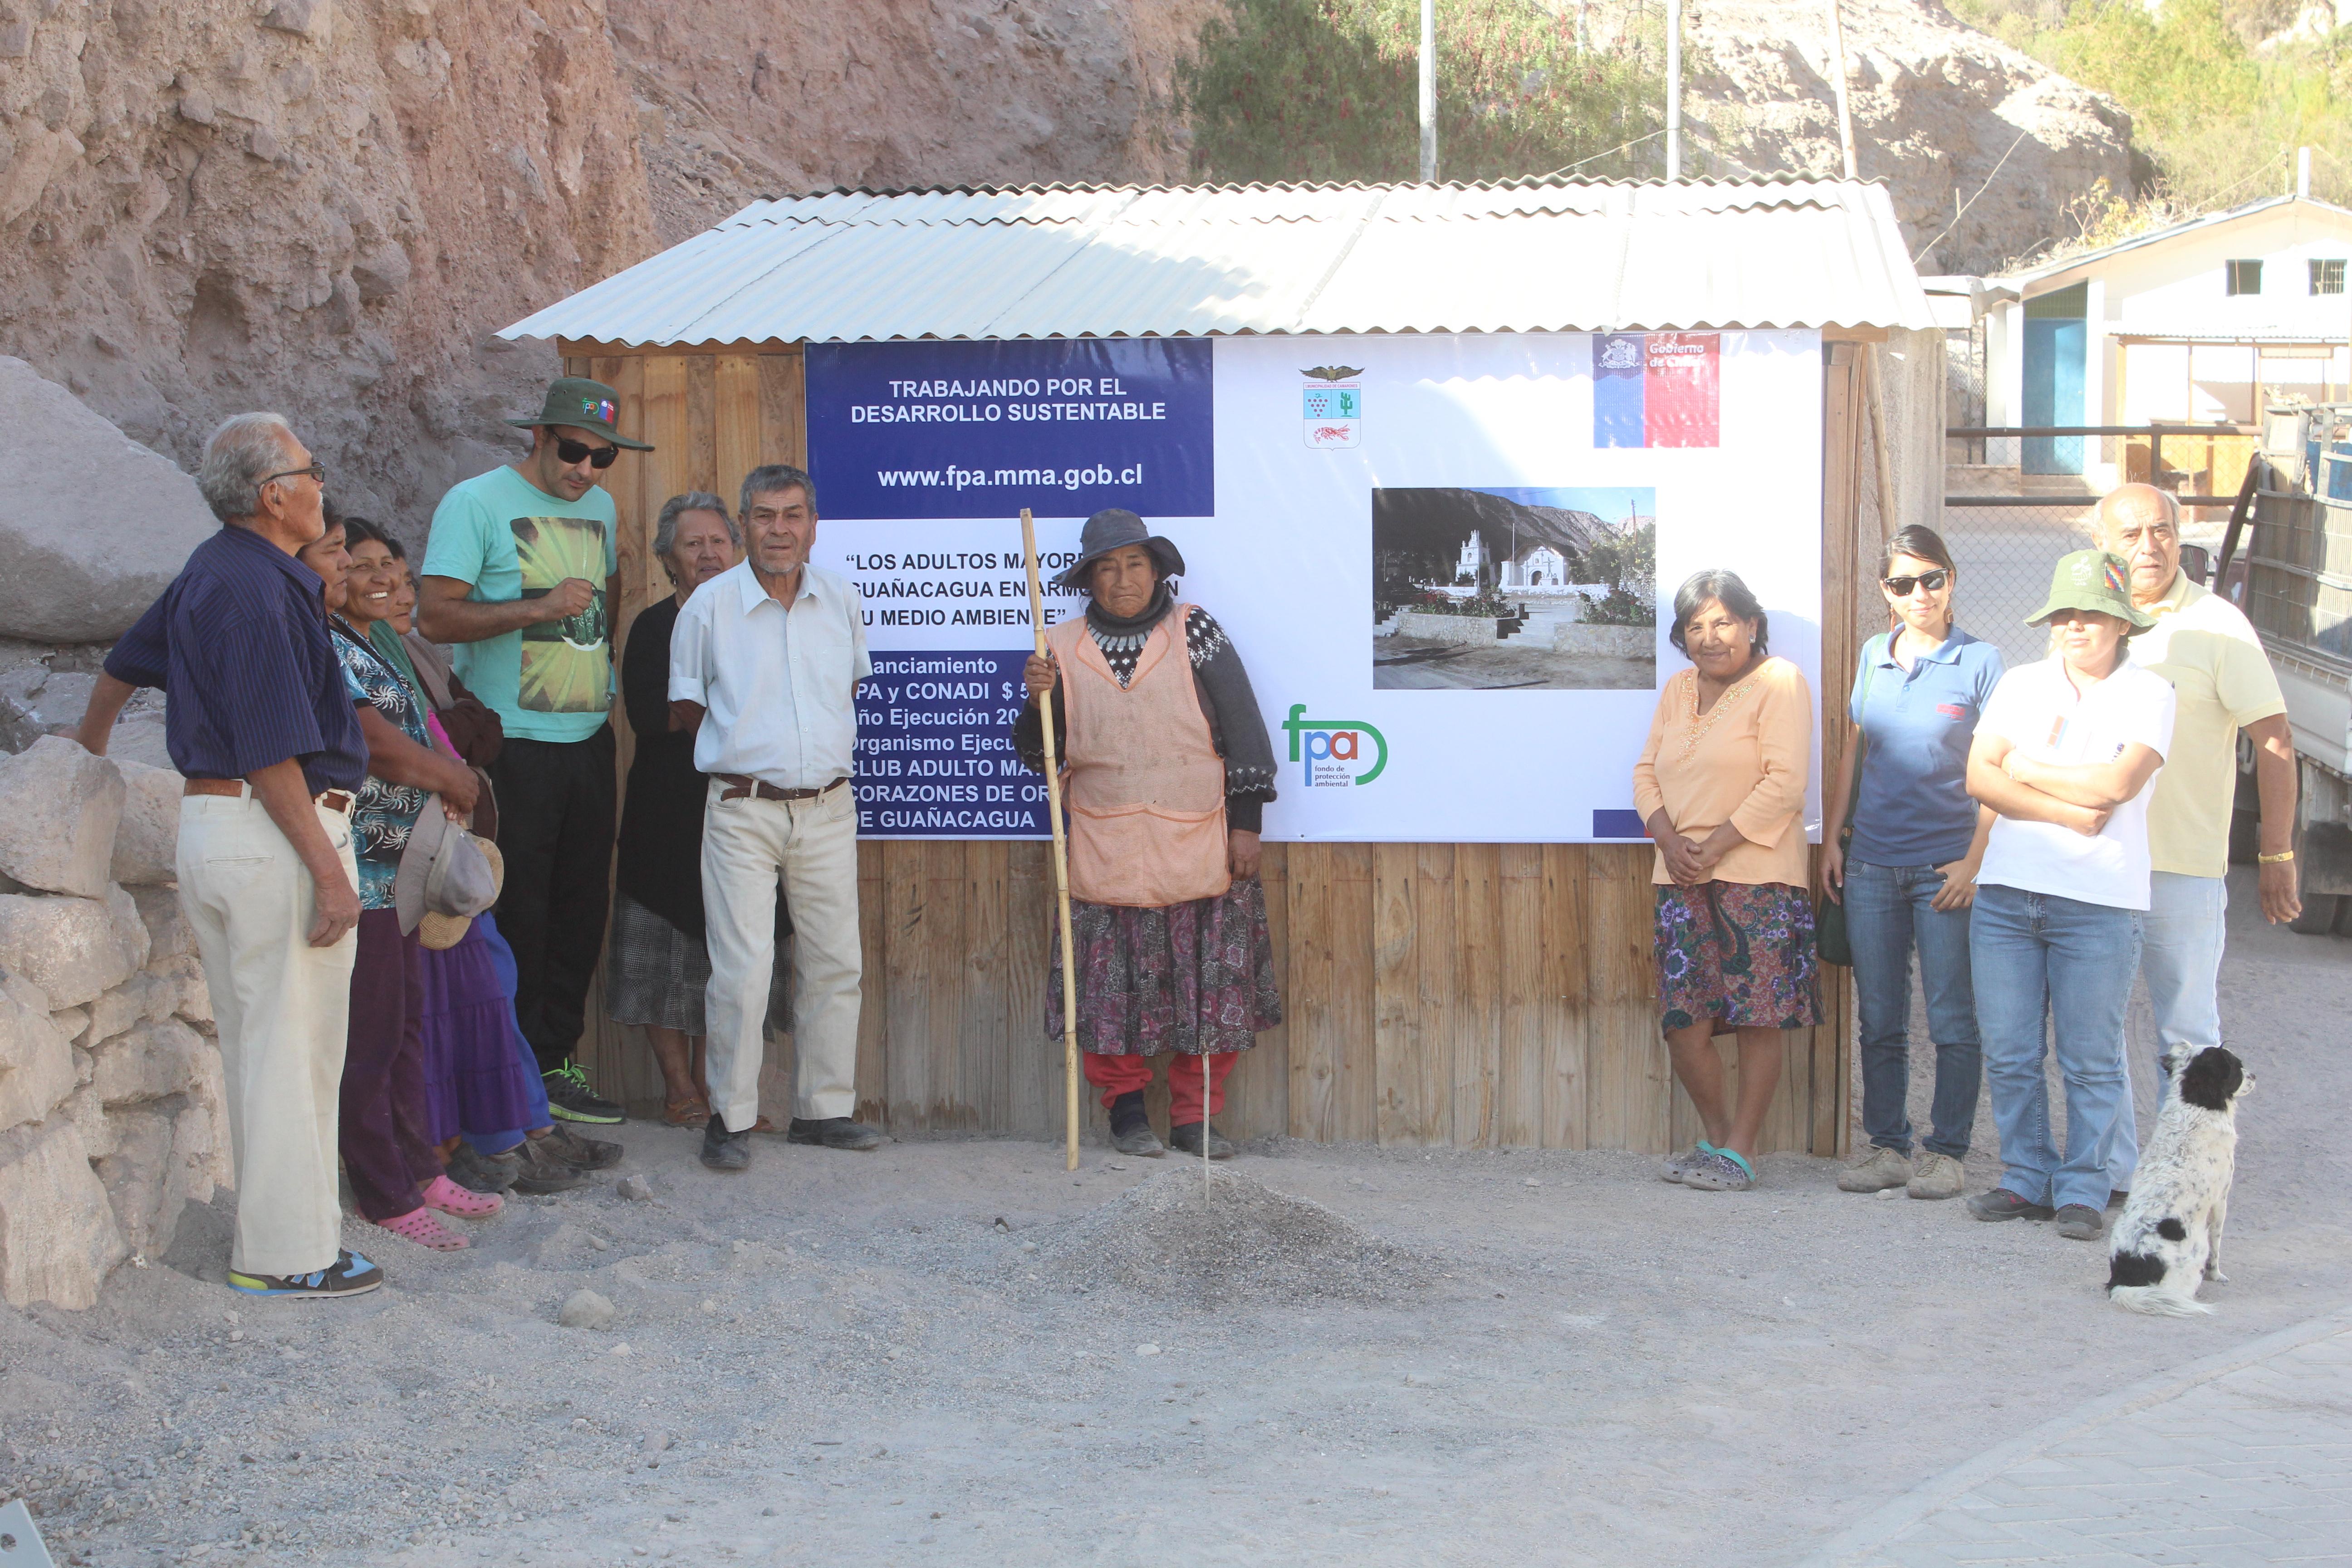 Los Adultos Mayores de Guañacagua en Armonía con su Medio Ambiente